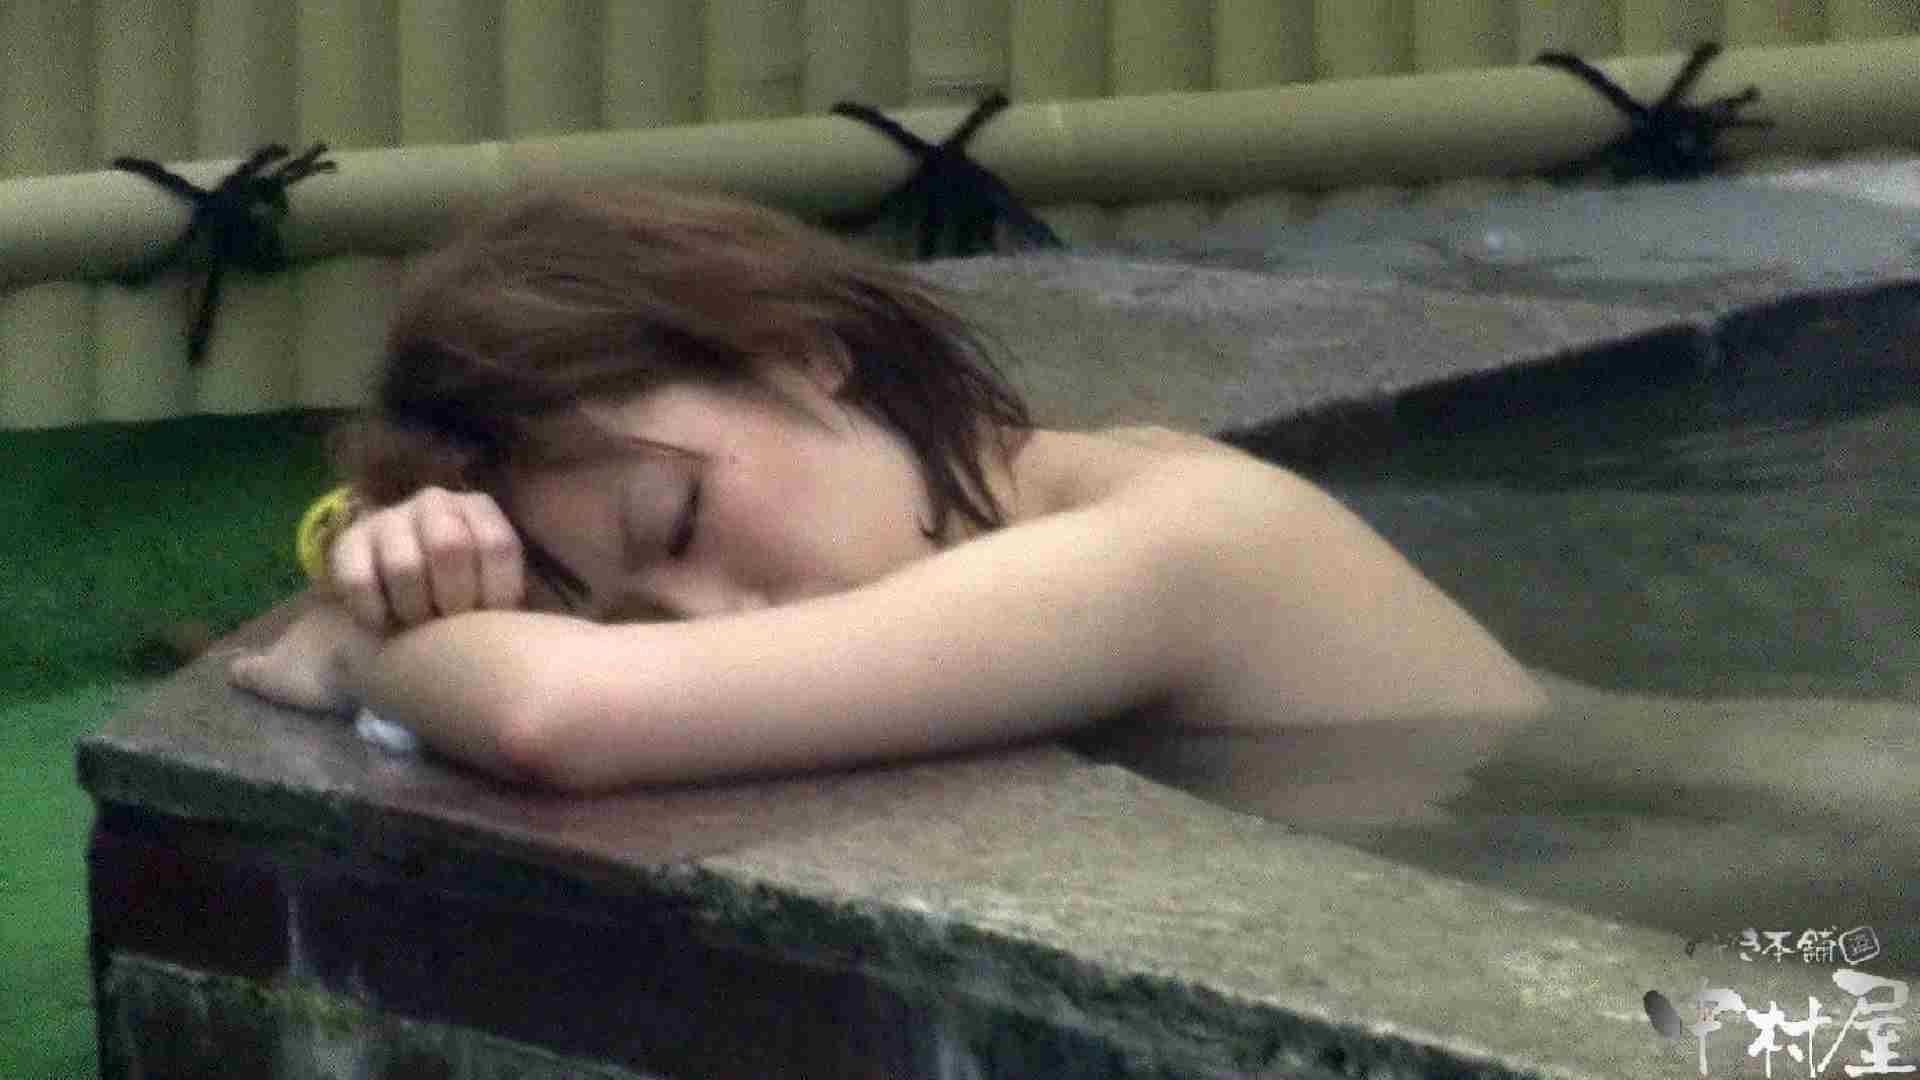 Aquaな露天風呂Vol.918 OL  101pic 21